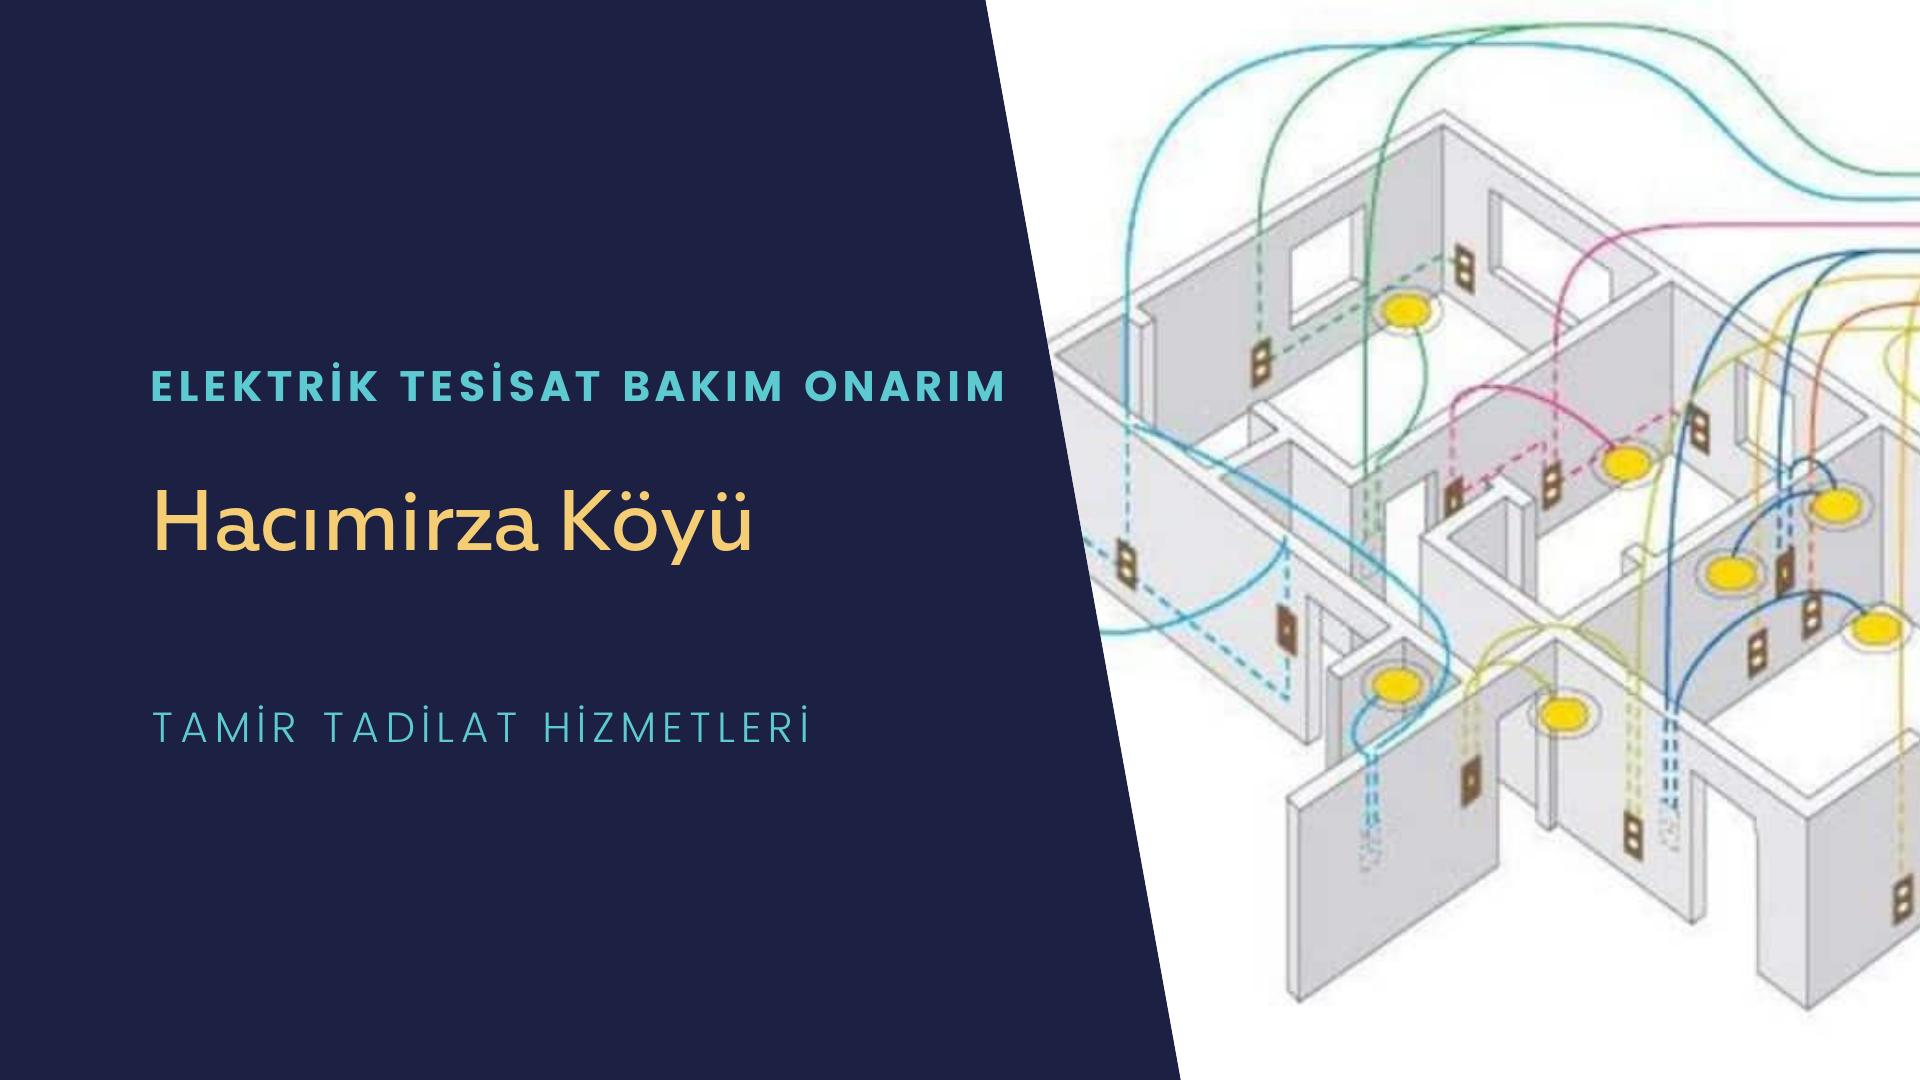 Hacımirza Köyü  elektrik tesisatıustalarımı arıyorsunuz doğru adrestenizi Hacımirza Köyü elektrik tesisatı ustalarımız 7/24 sizlere hizmet vermekten mutluluk duyar.